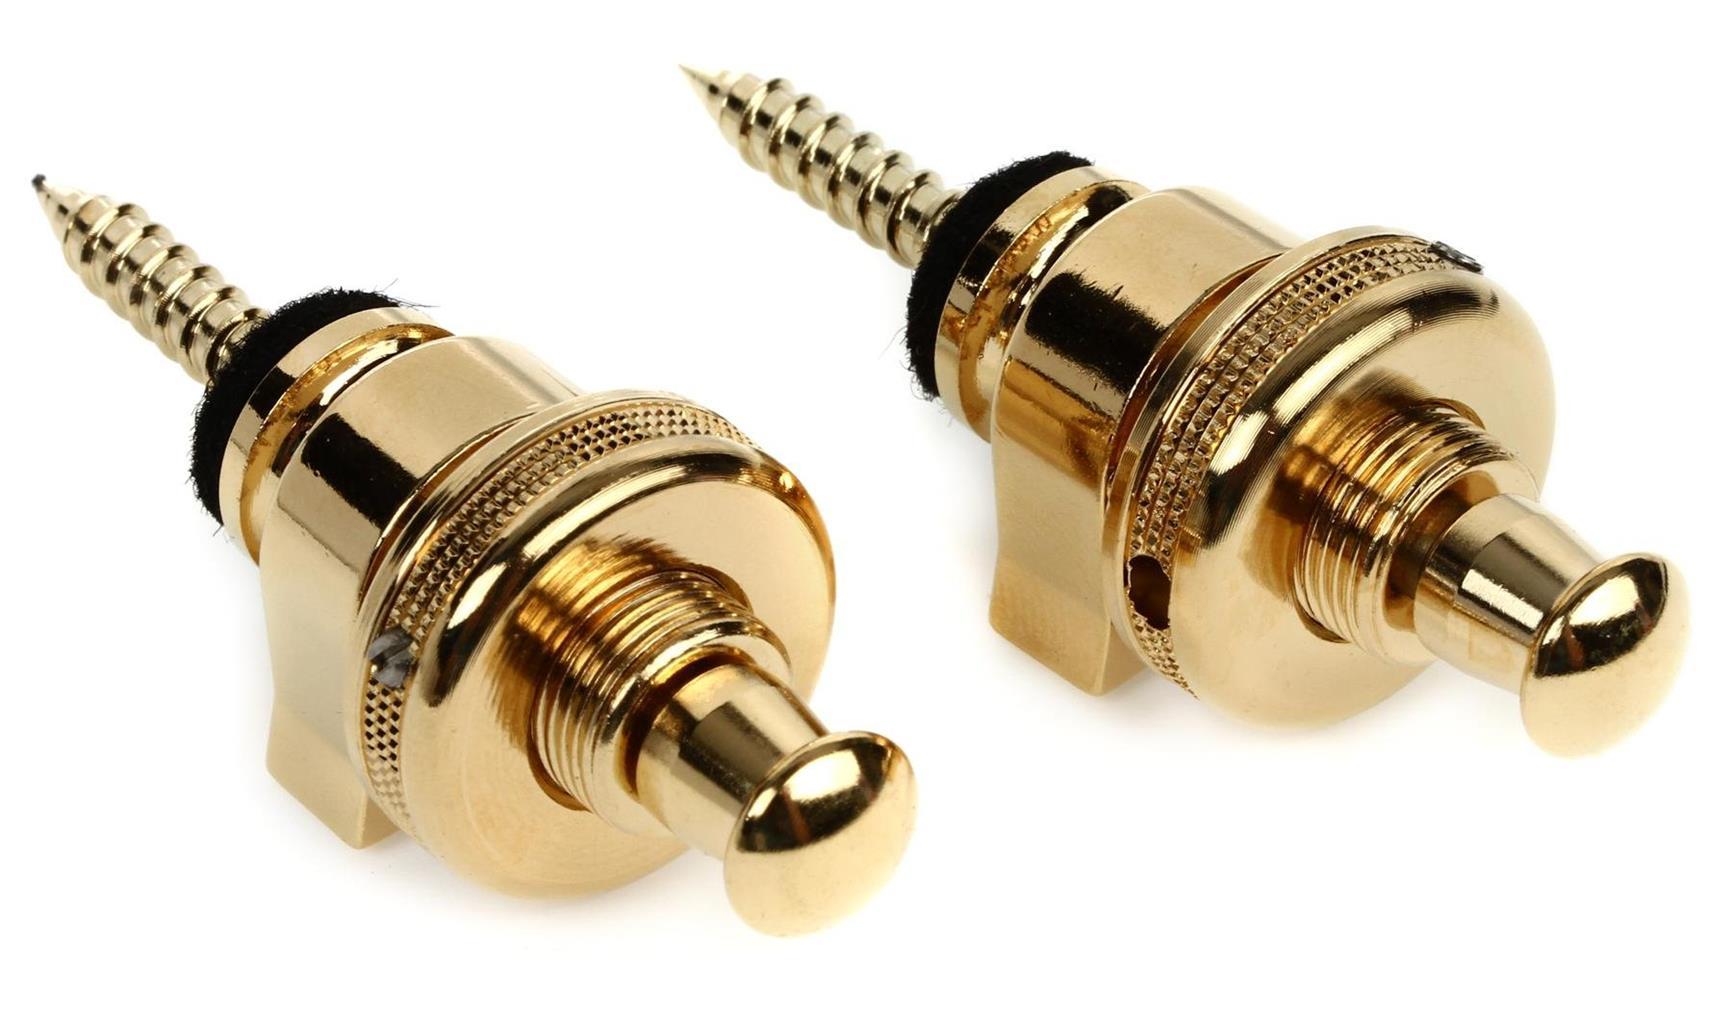 SCHALLER SECURITY S-LOCKS strap locks GOLD